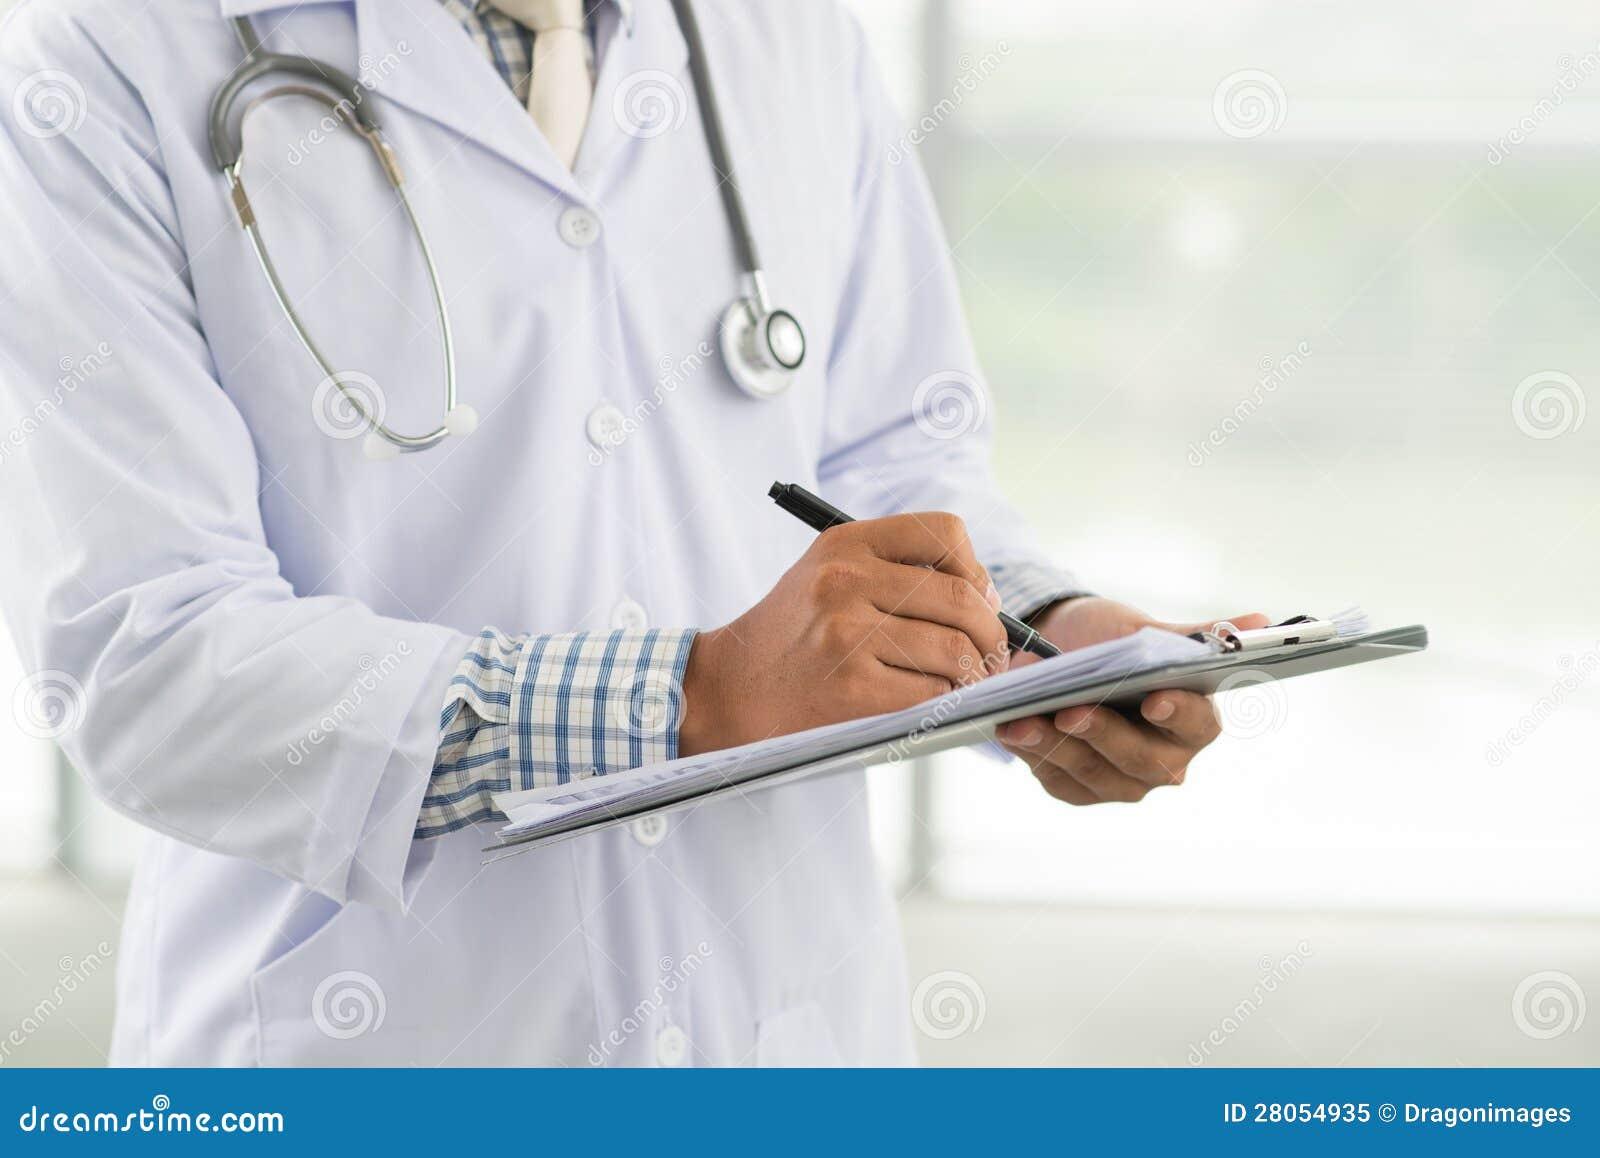 Смотреть онлайн пришла на прием к врачу 23 фотография